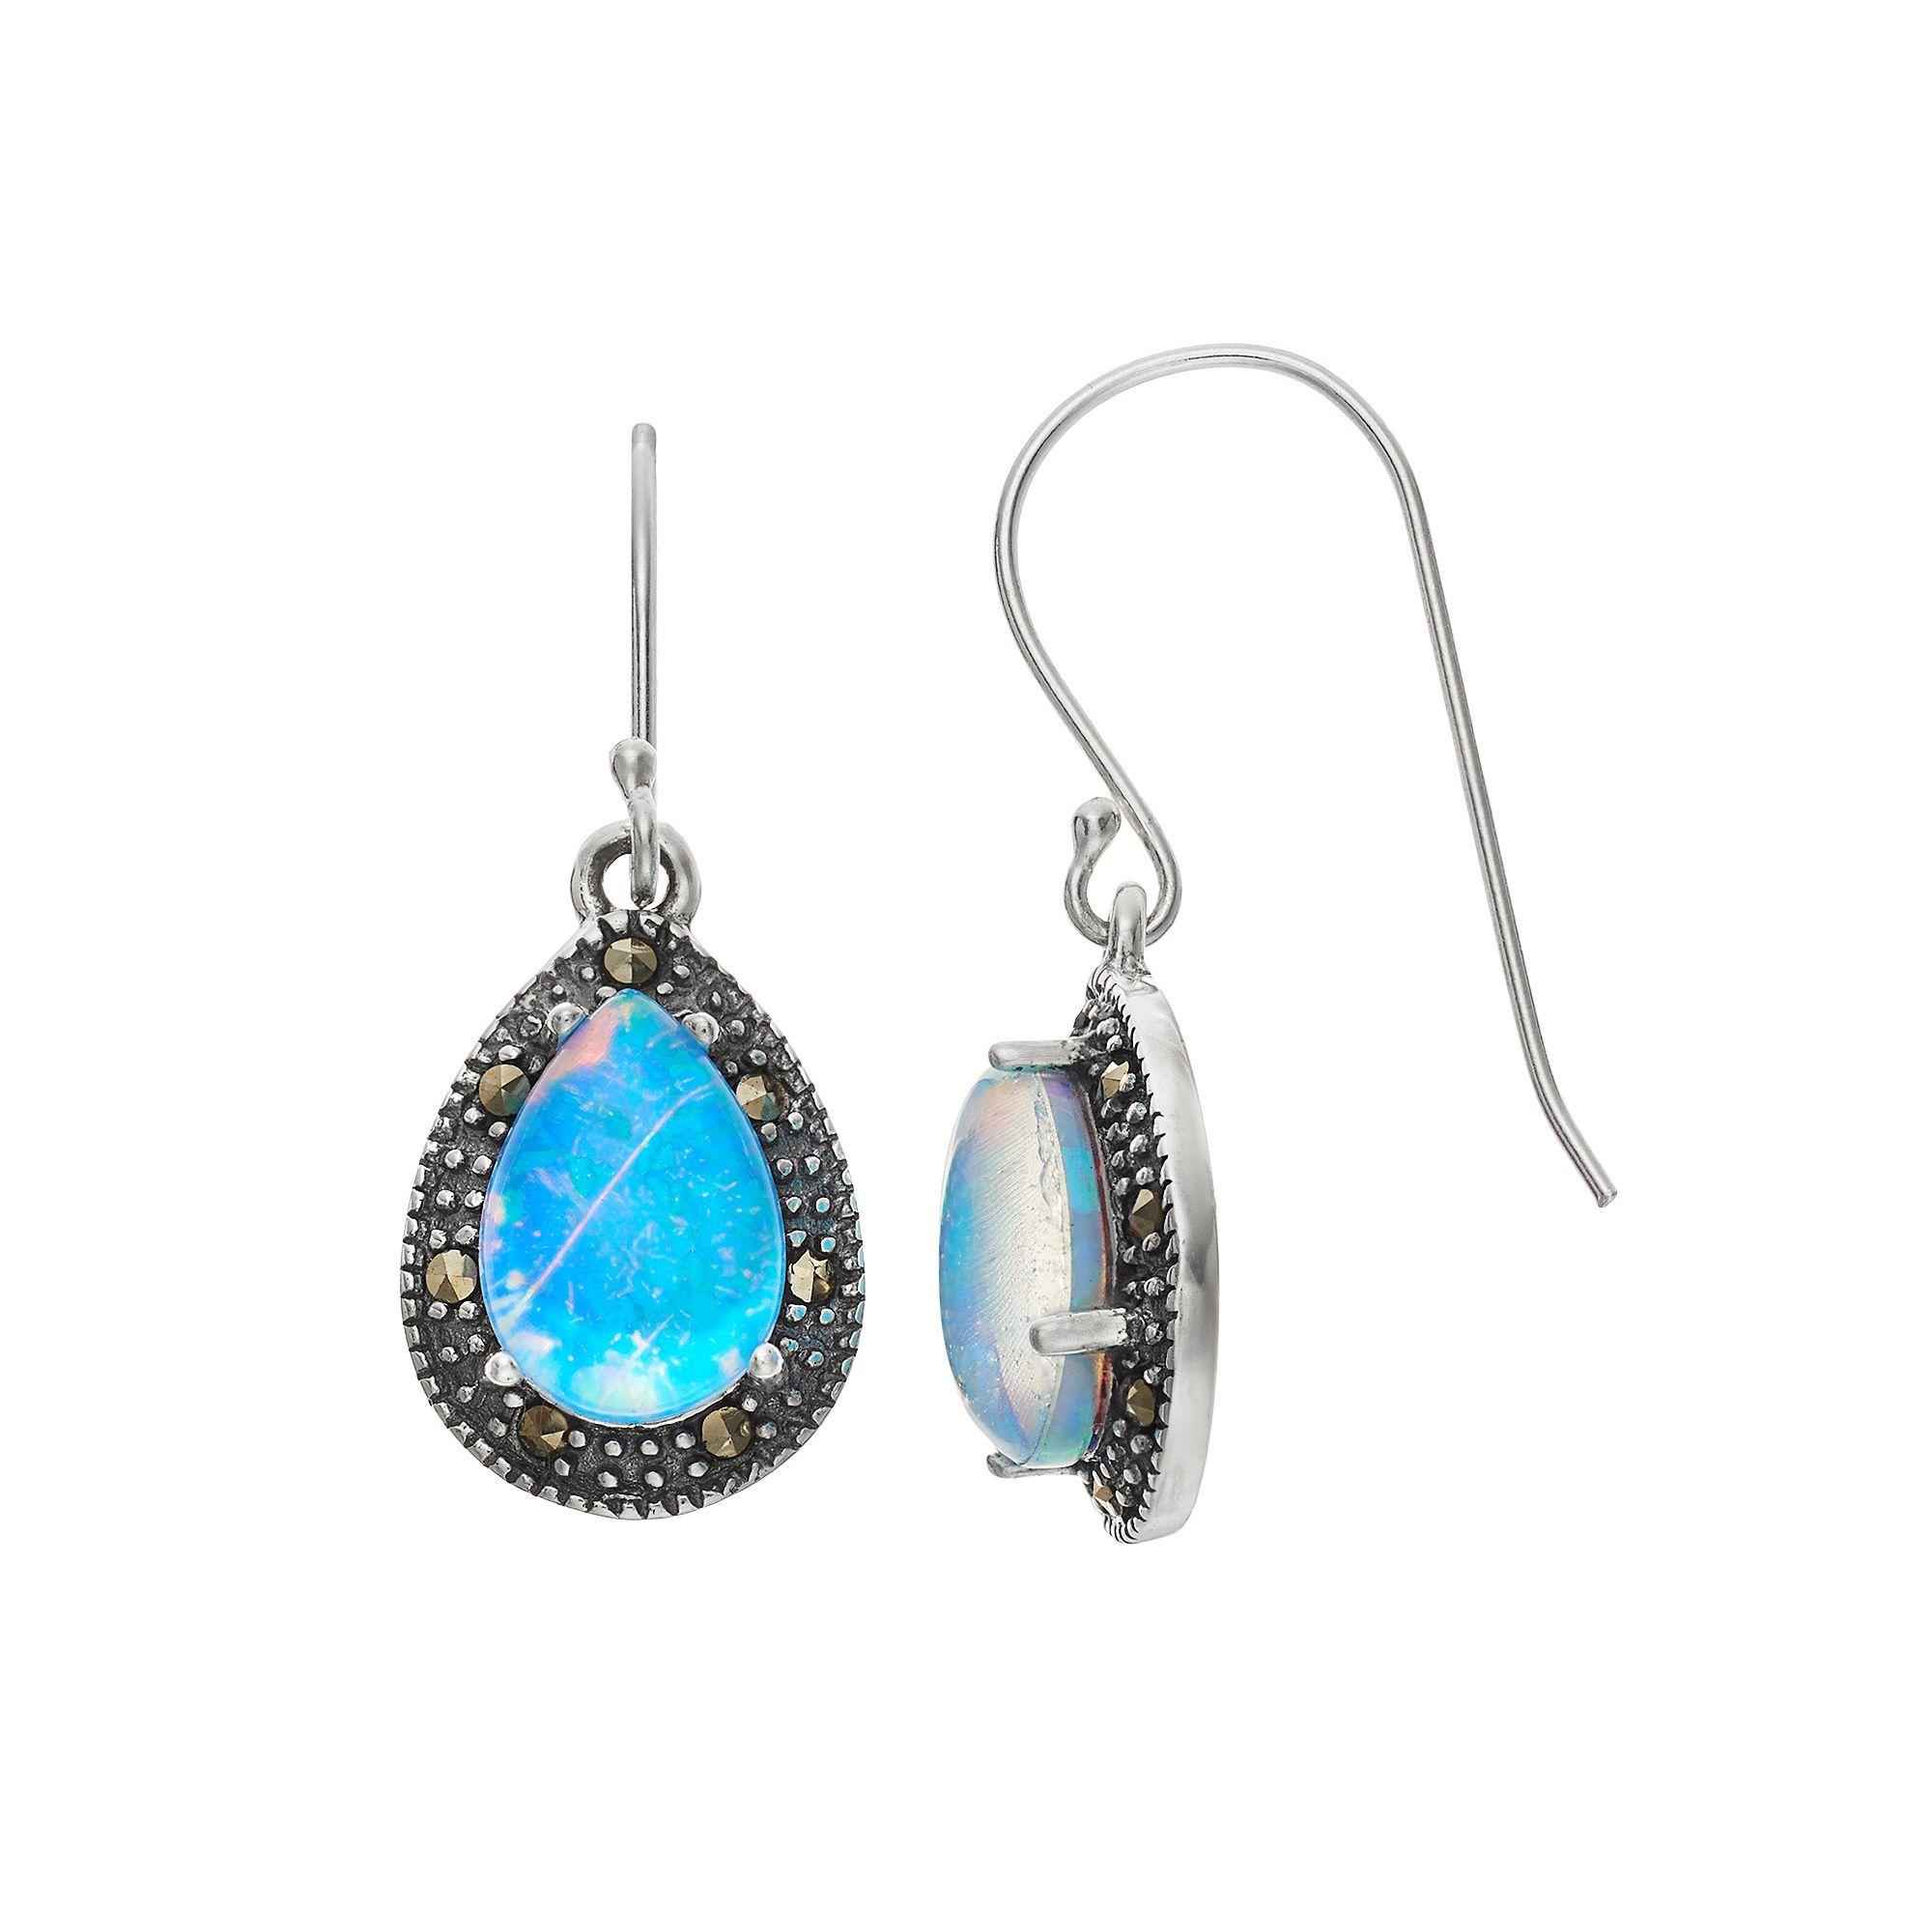 6e5418b4d Tori Hill Sterling Silver Simulated Blue Opal Doublet & Marcasite Teardrop  Earrings, Women's